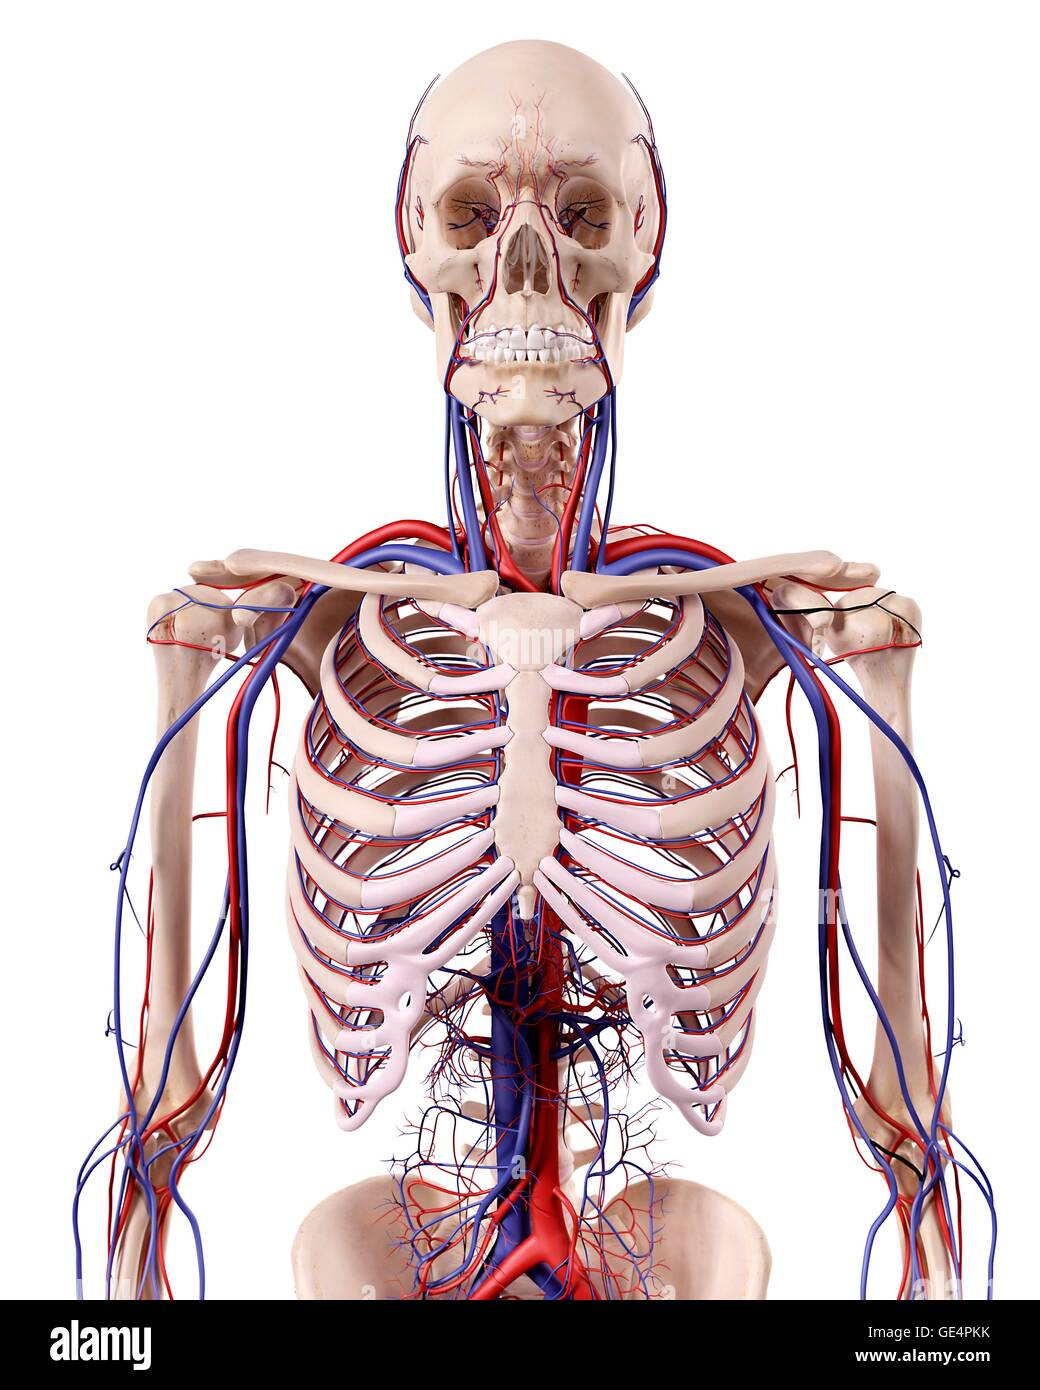 Anatomie des Menschen Thorax, Abbildung Stockfoto, Bild: 111972999 ...